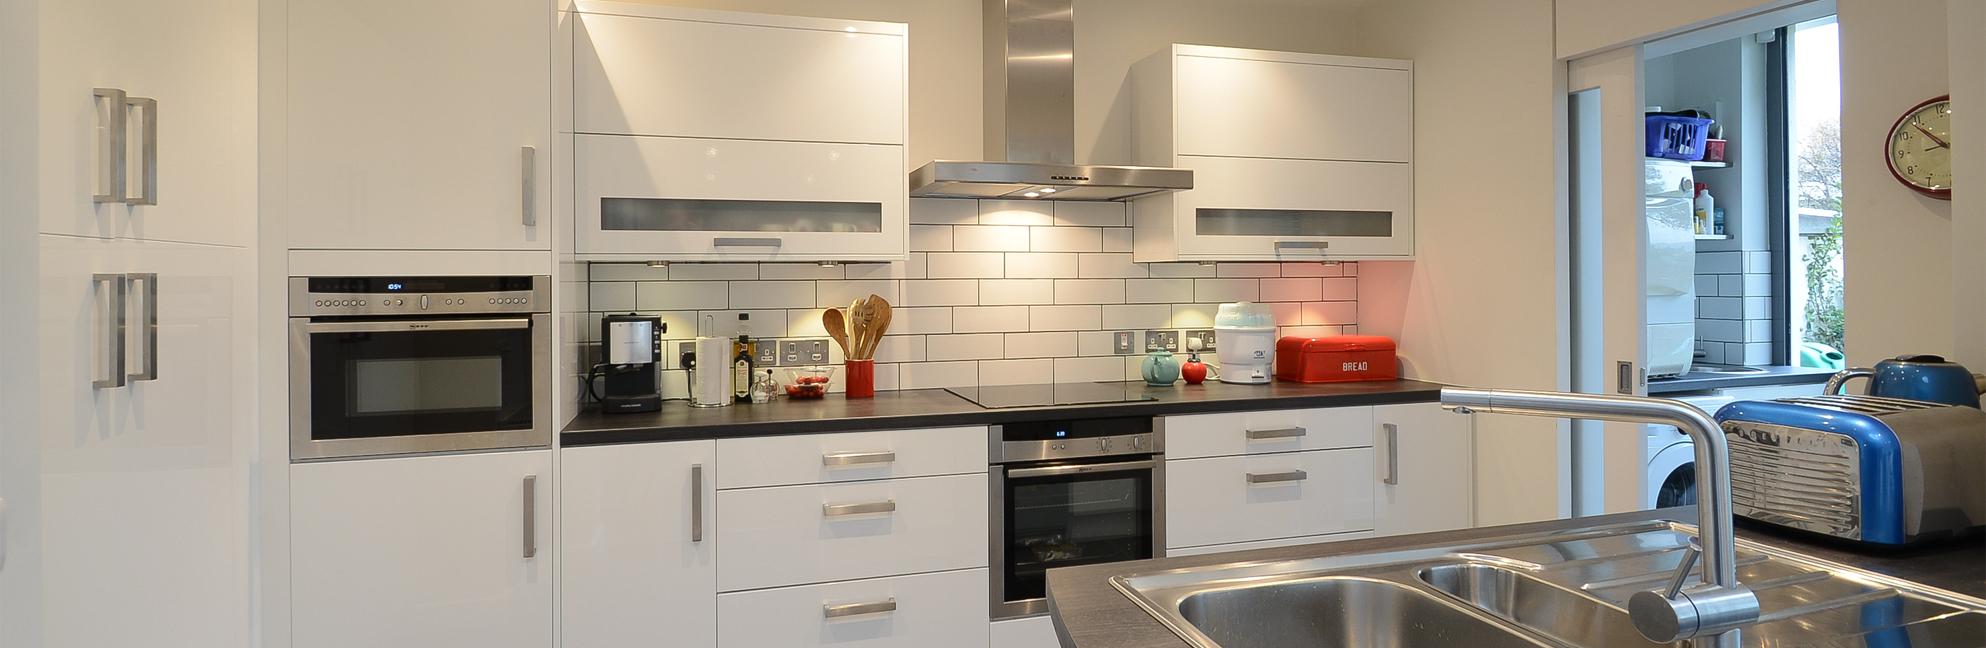 Slide alastair macnab architects for Kitchen design northern ireland